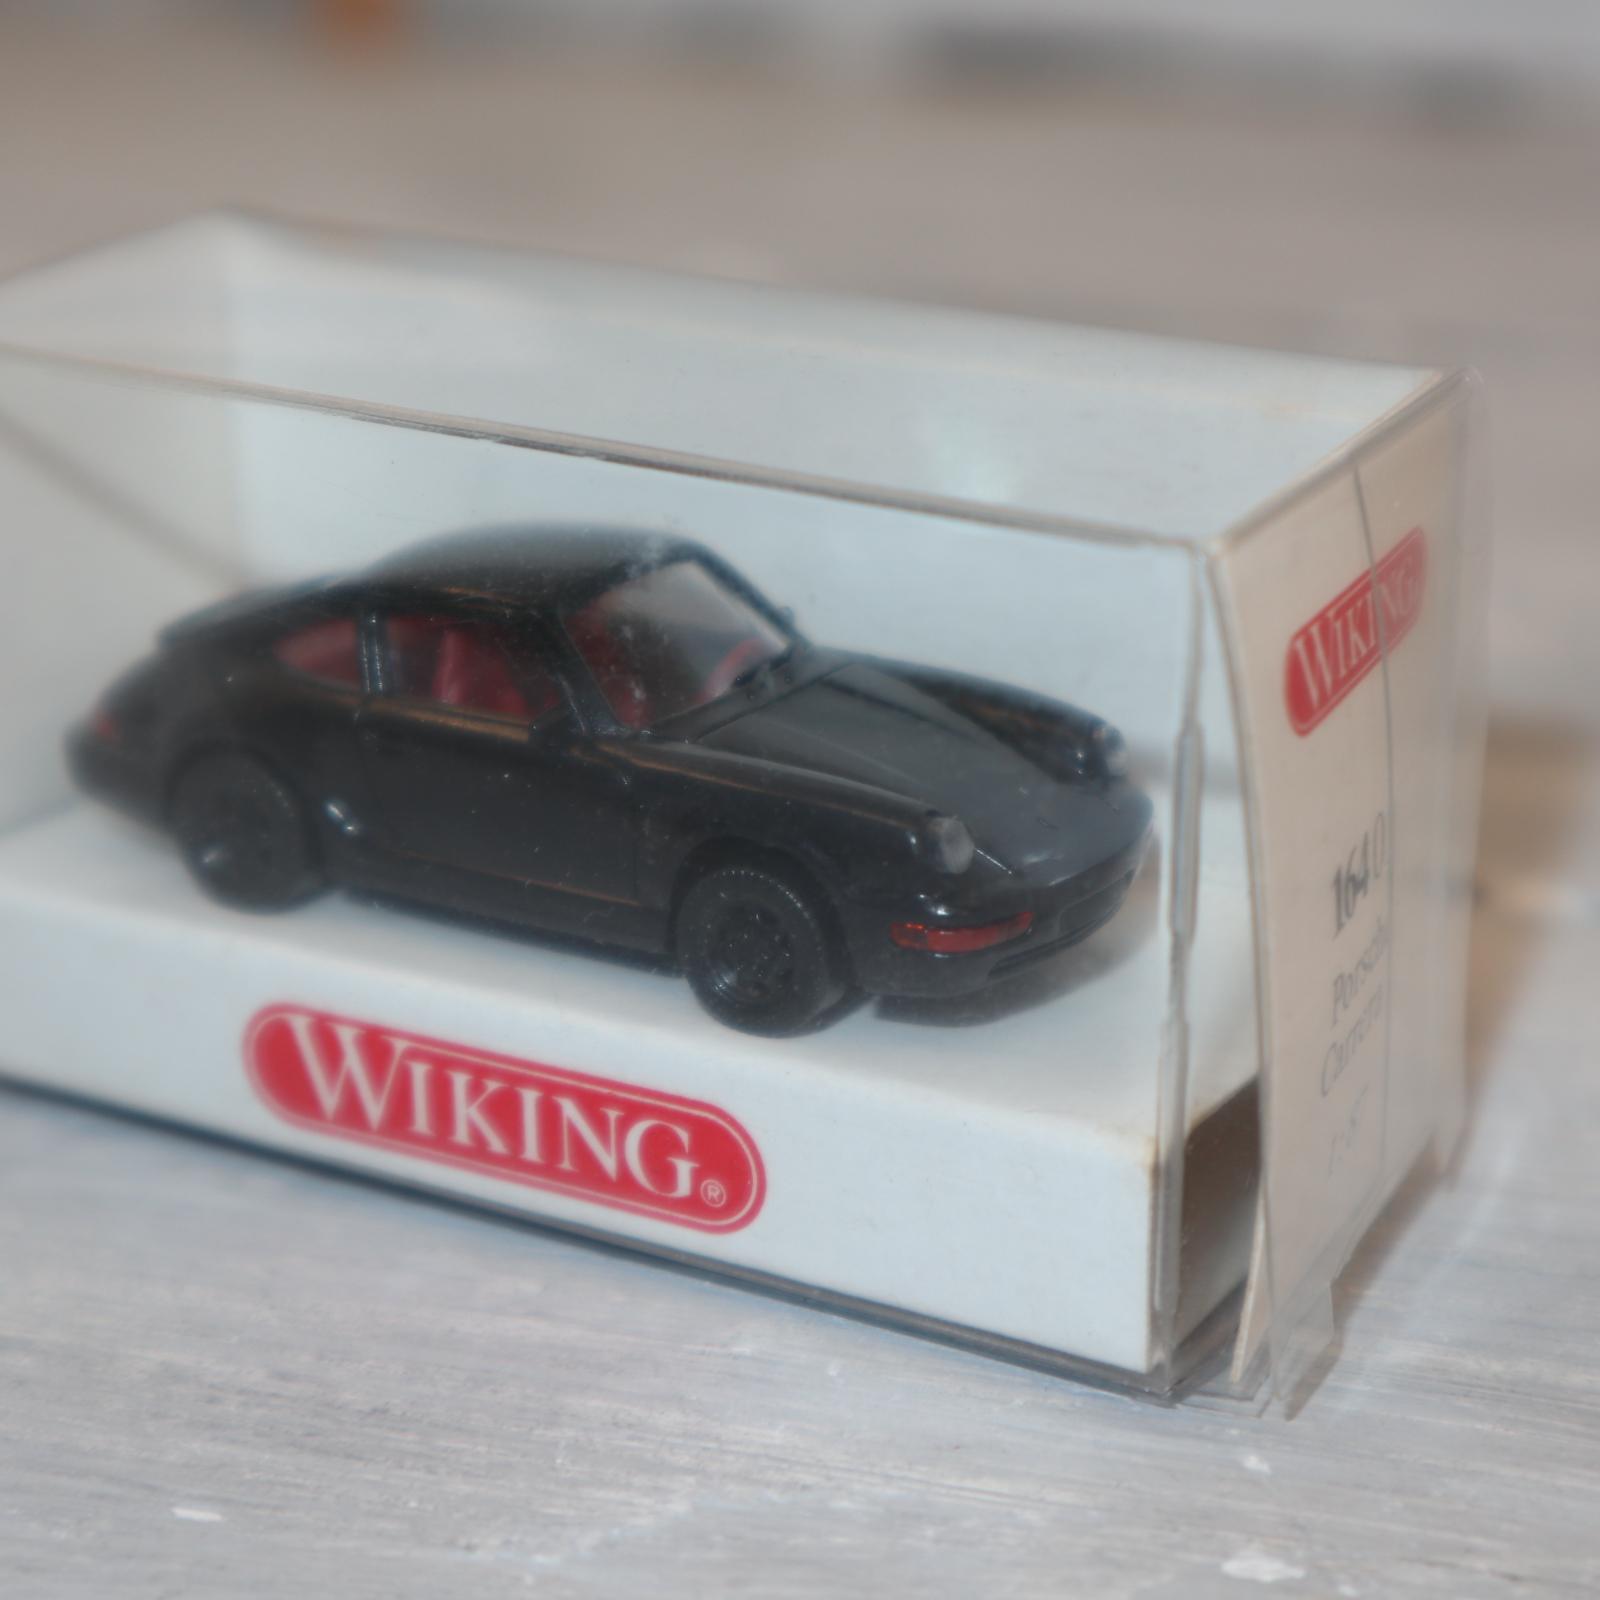 Wiking 816401 in 1:87 Porsche 911 Carrera 4 in schwarz mit IE rot, NEU in OVP